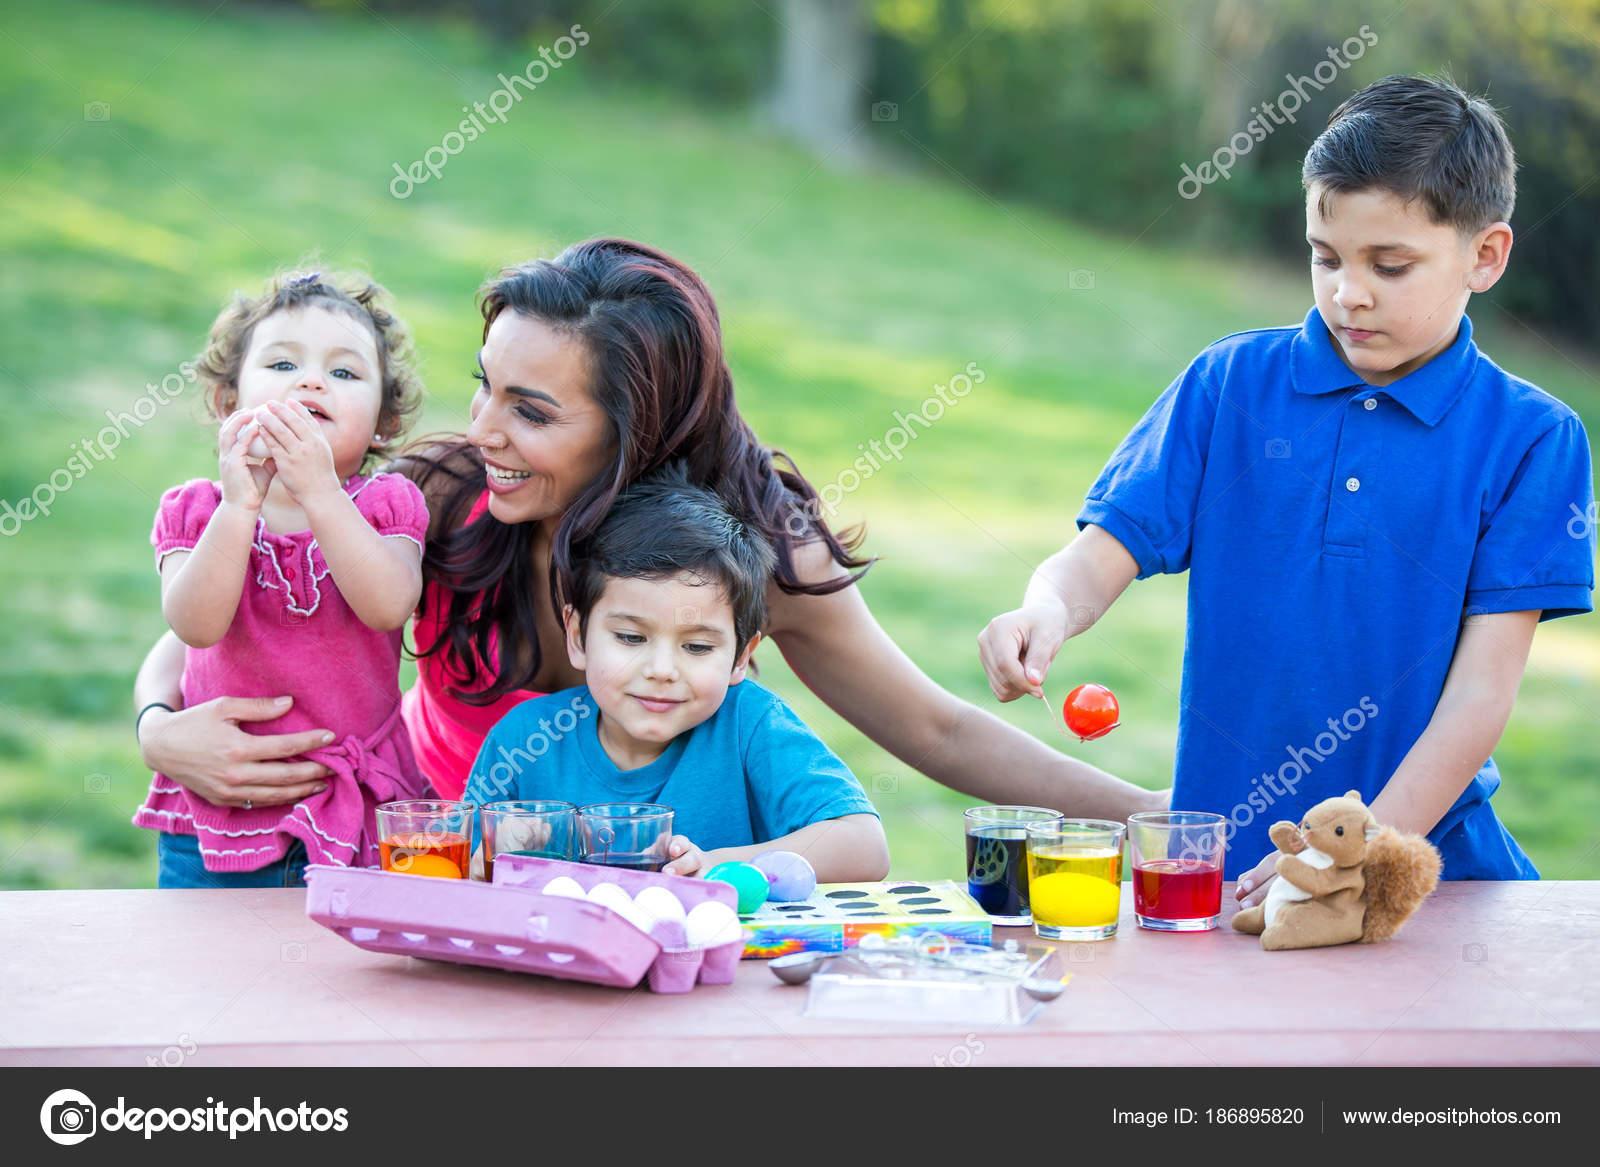 Coloriage Paques Famille.Famille Coloriage Des Oeufs Paques Photographie Deborahkolb